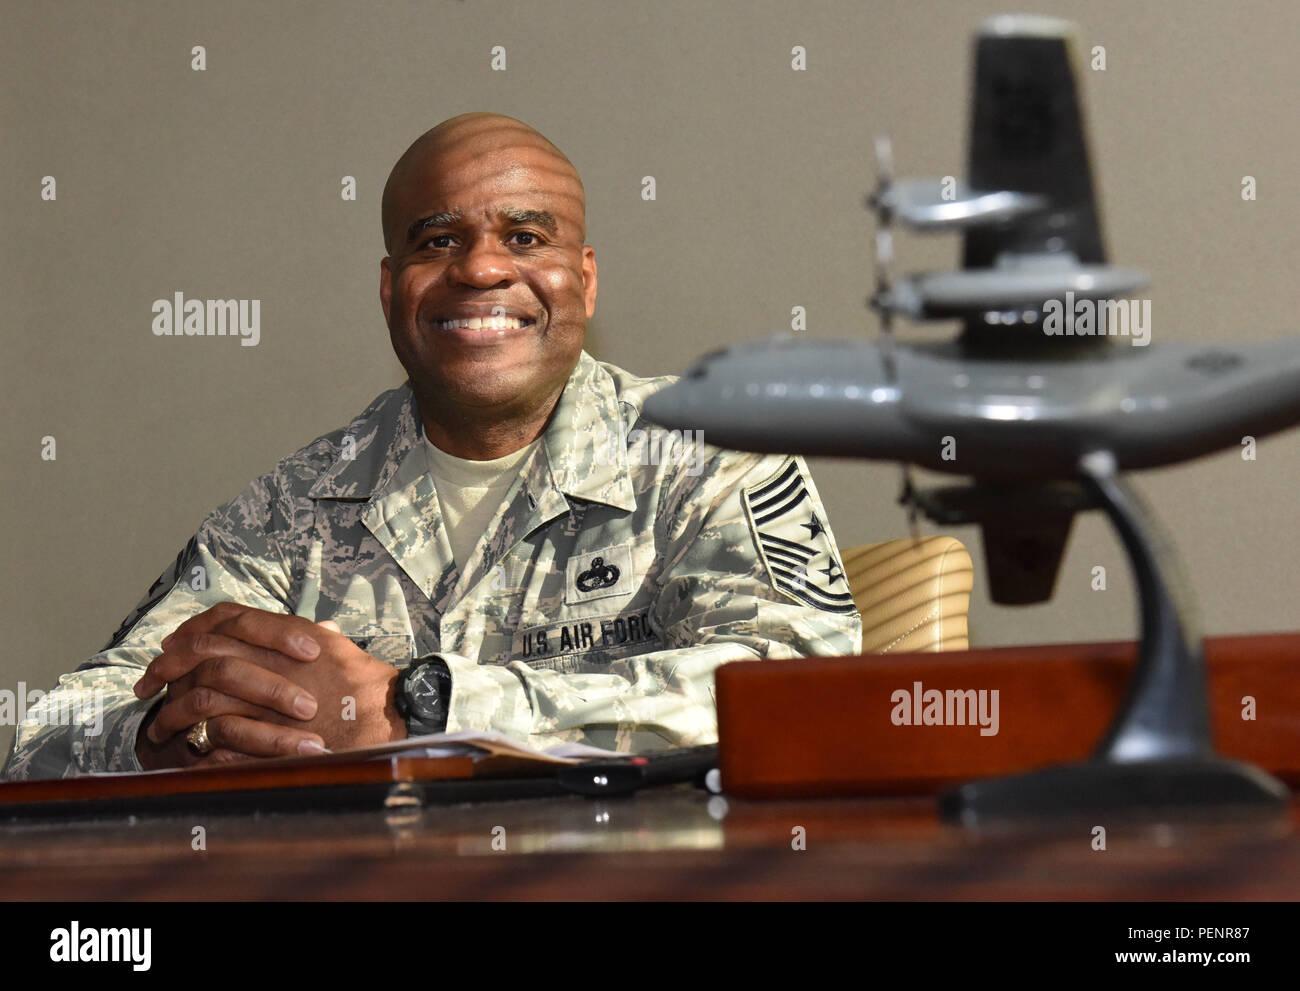 Le sergent-chef de commandement en chef. Benjamin Williams, pose pour une photo dans son bureau le 10 janvier 2016, à champ Berry Air National Guard Base, Nashville, Tennessee Williams a récemment été promu au poste de chef de la commande master sergent, et a de grands projets pour promouvoir la croissance des jeunes aviateurs. Photo Stock